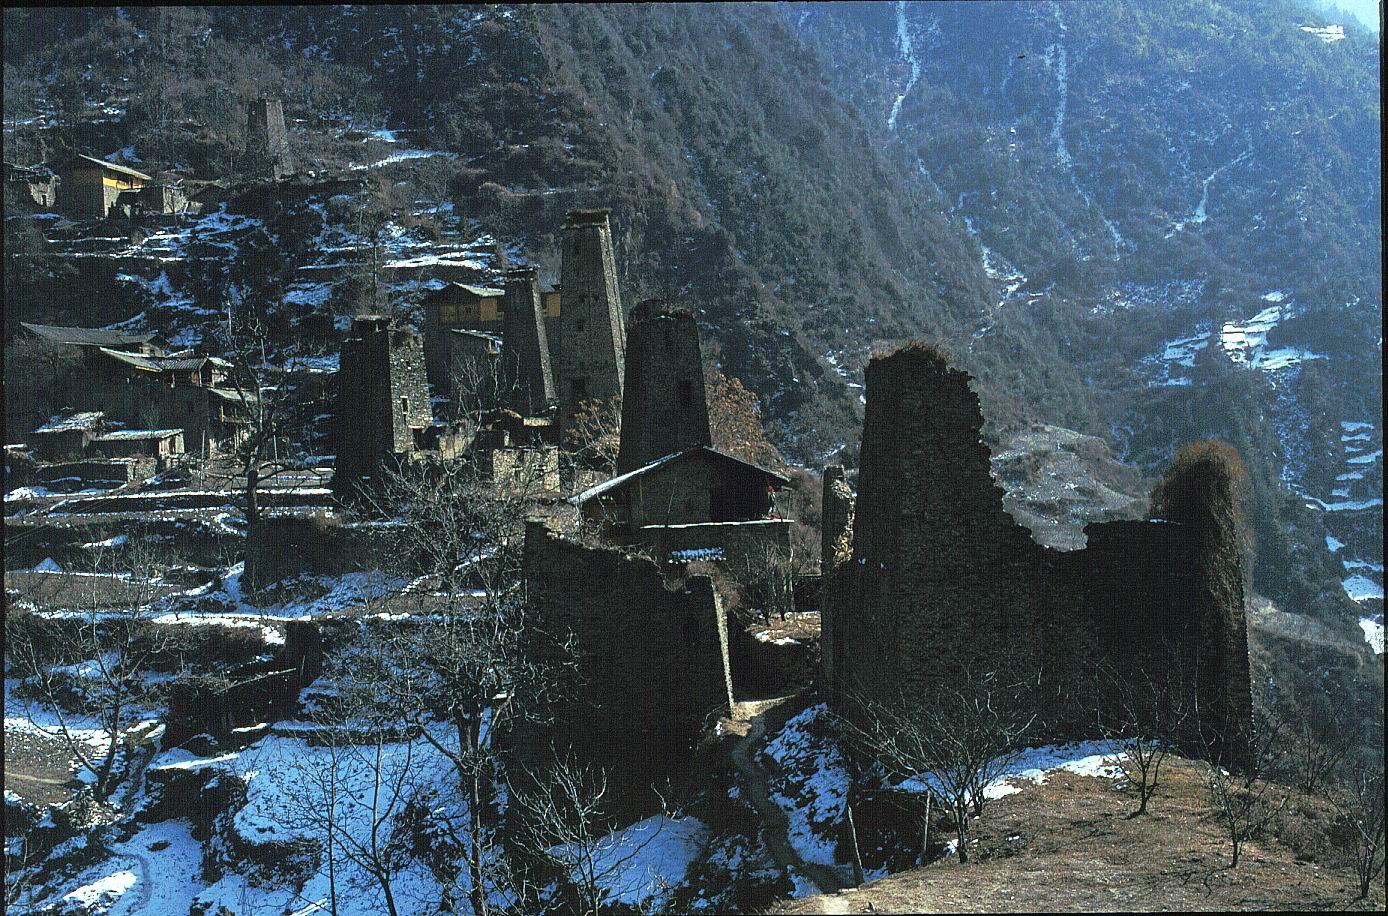 體現村寨「孤立感」的明顯例子:傳統的羌族聚落,常見一座座石頭屋緊密相連,數十到上百間,整片牆上只開了幾扇小窗,建築底部留著一條窄道。在在顯示資源競奪劇烈,對外恐懼、提防的特徵。圖│王明珂